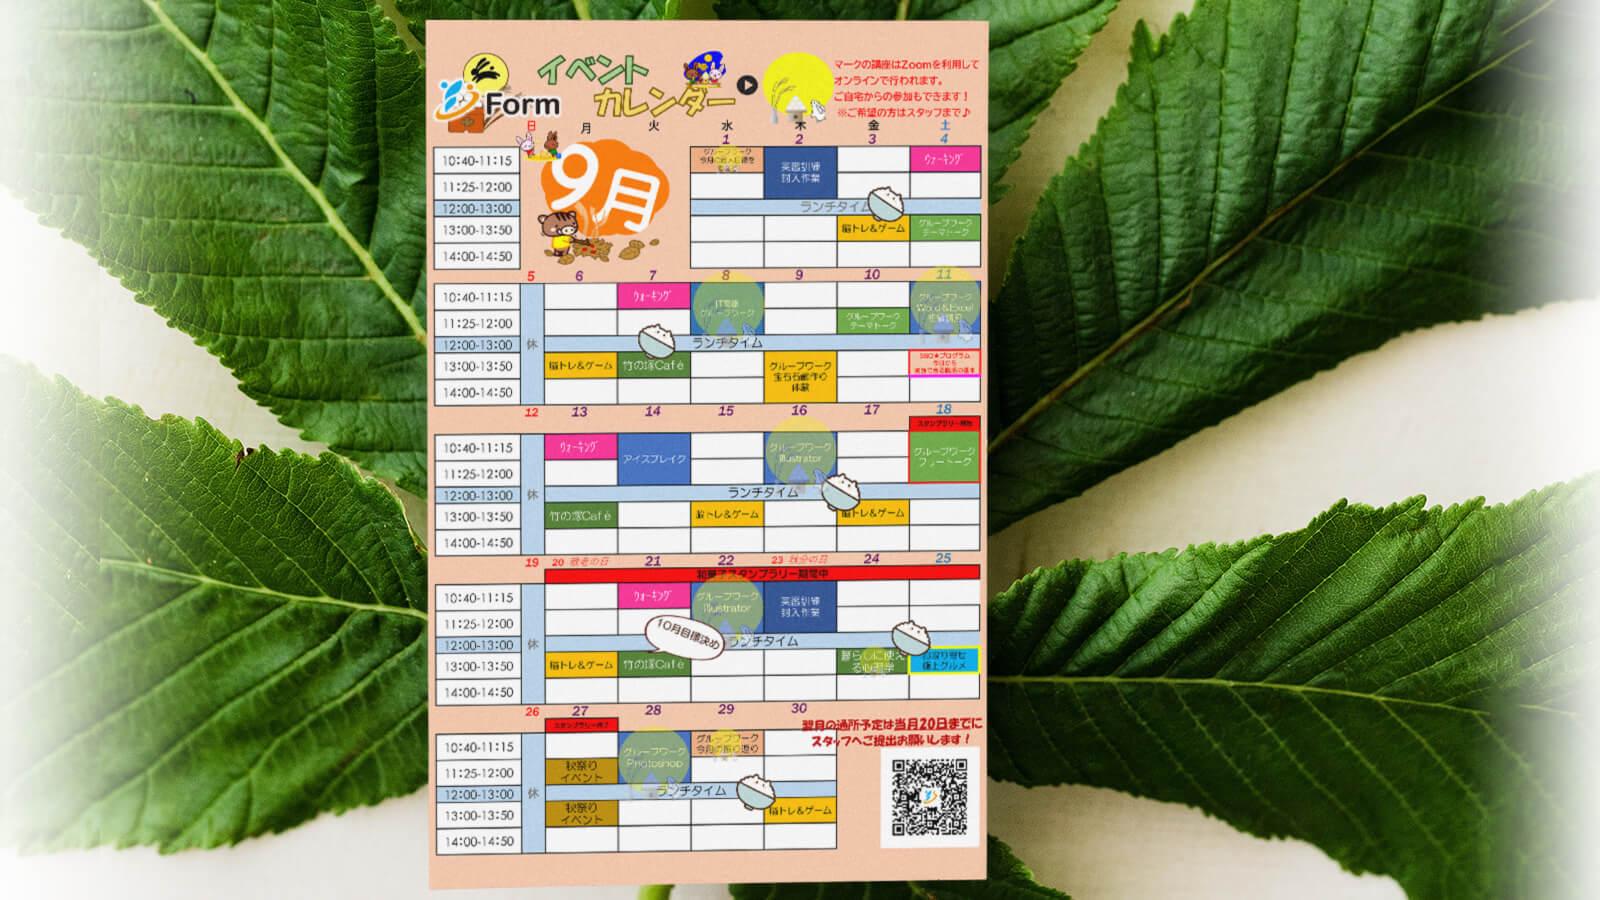 フォーム竹ノ塚2021年9月イベントカレンダー概要画像